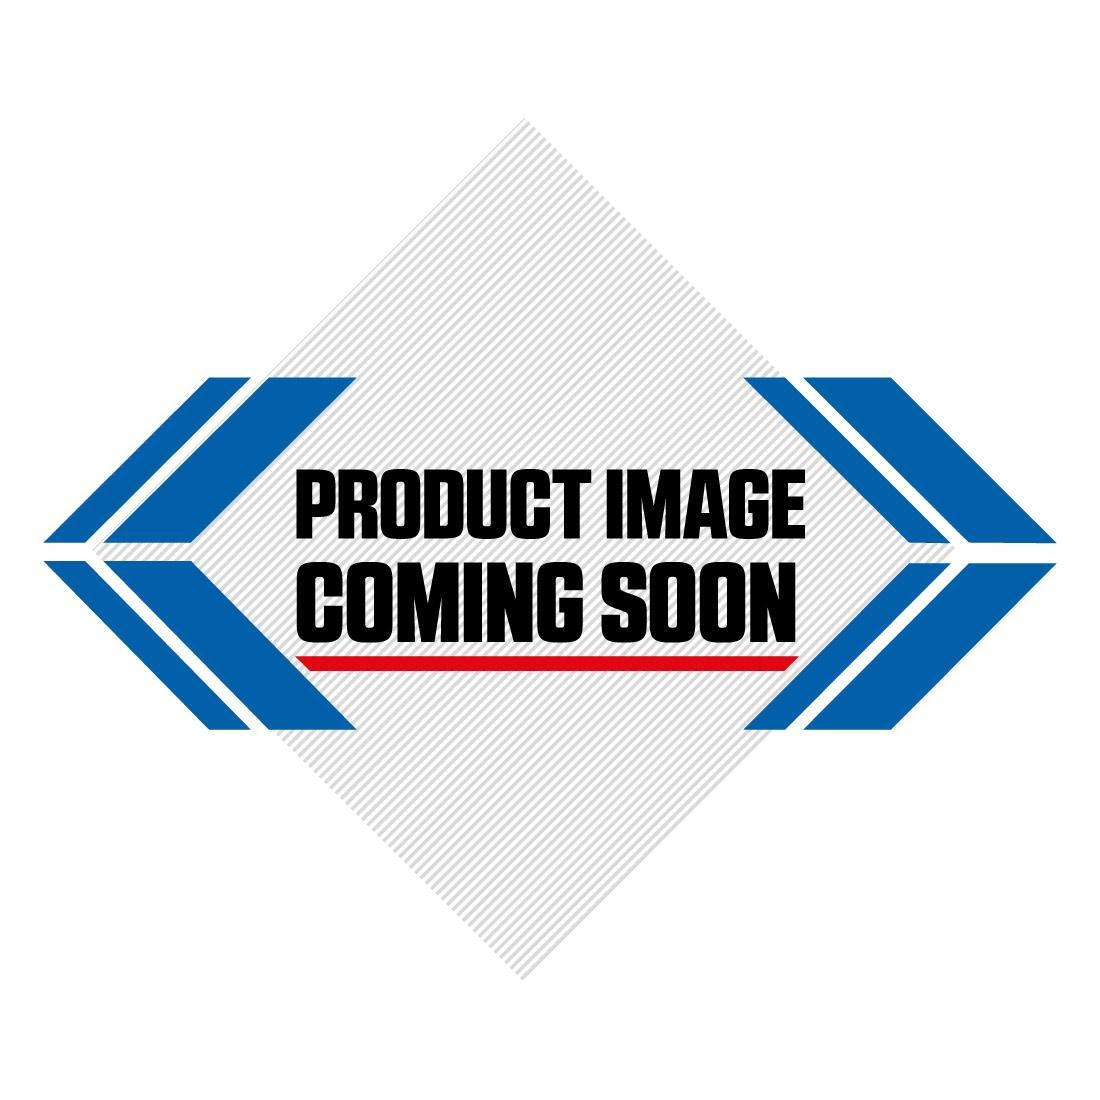 UFO Suzuki Radiator louvers RMZ 250 (19-20) OEM Factory Image-1